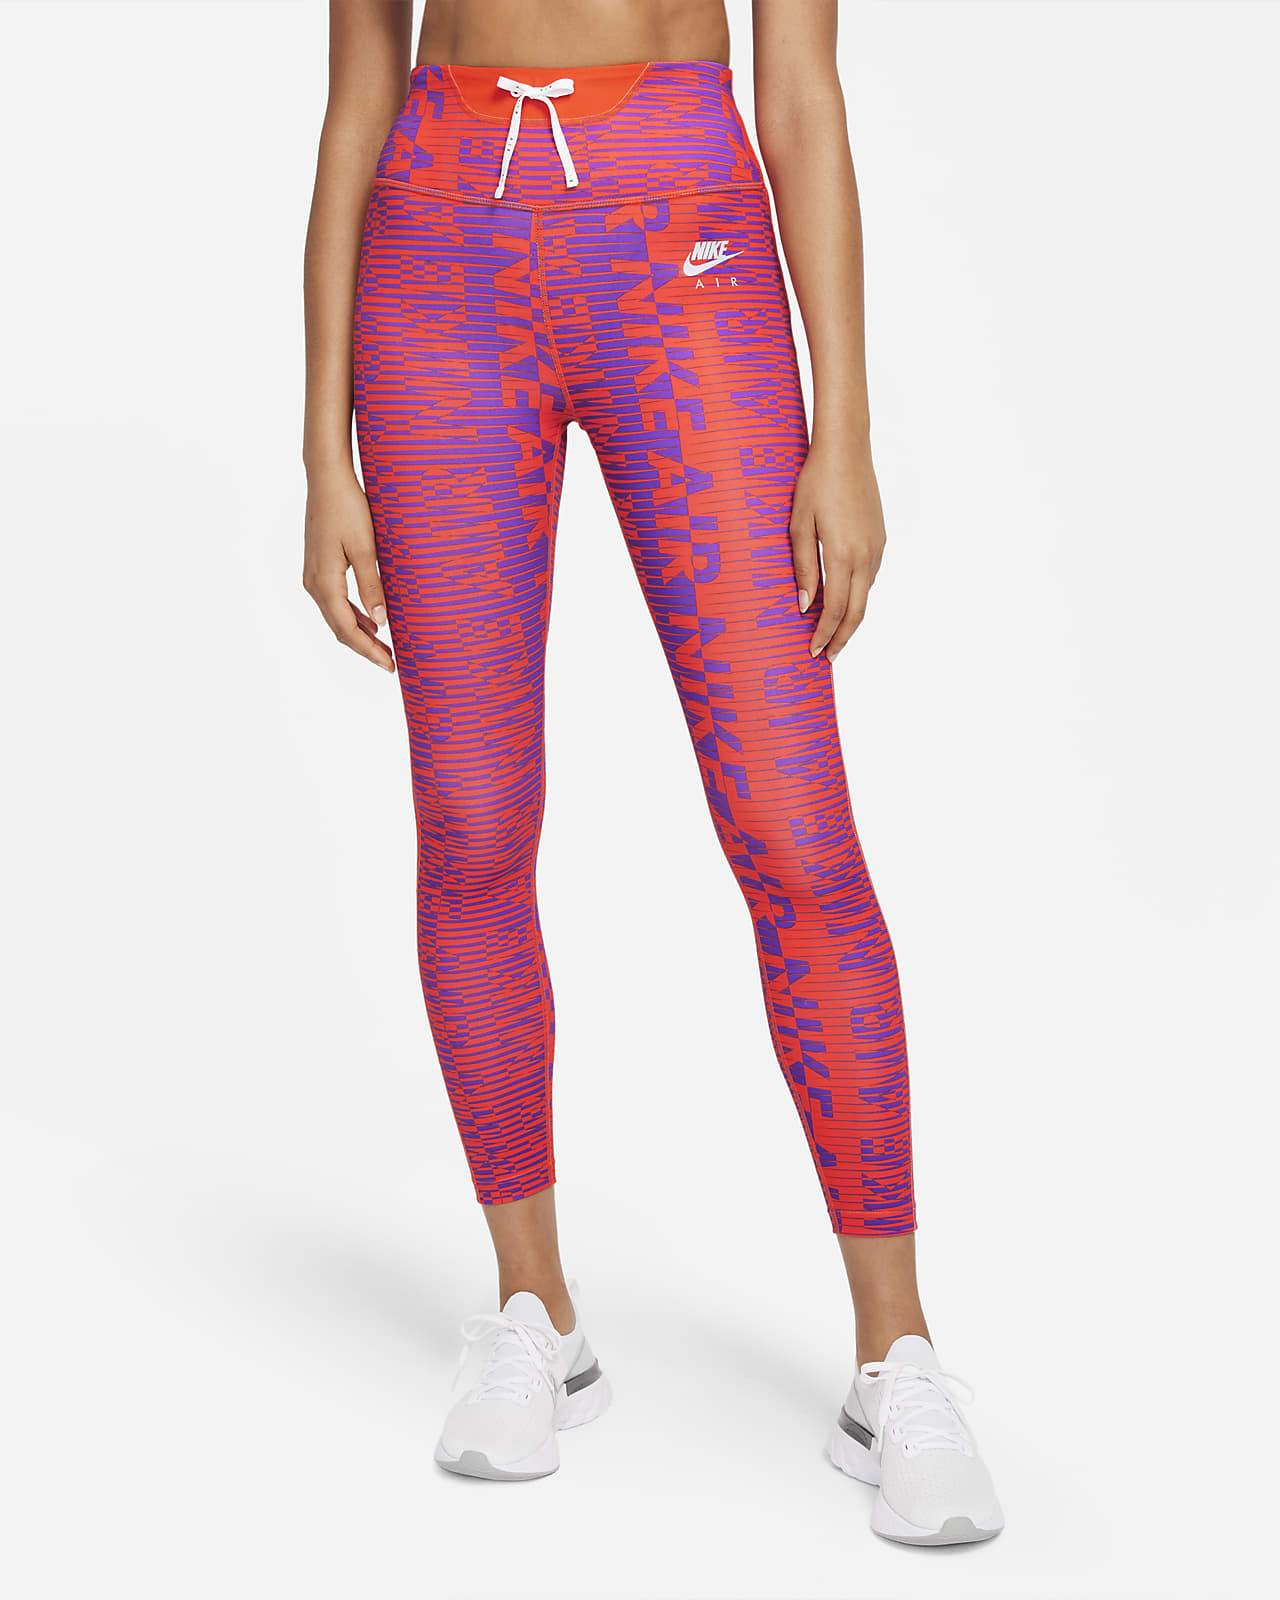 Nike Air Epic Fast 7/8-Lauf-Tights mit hohem Bund und Print für Damen